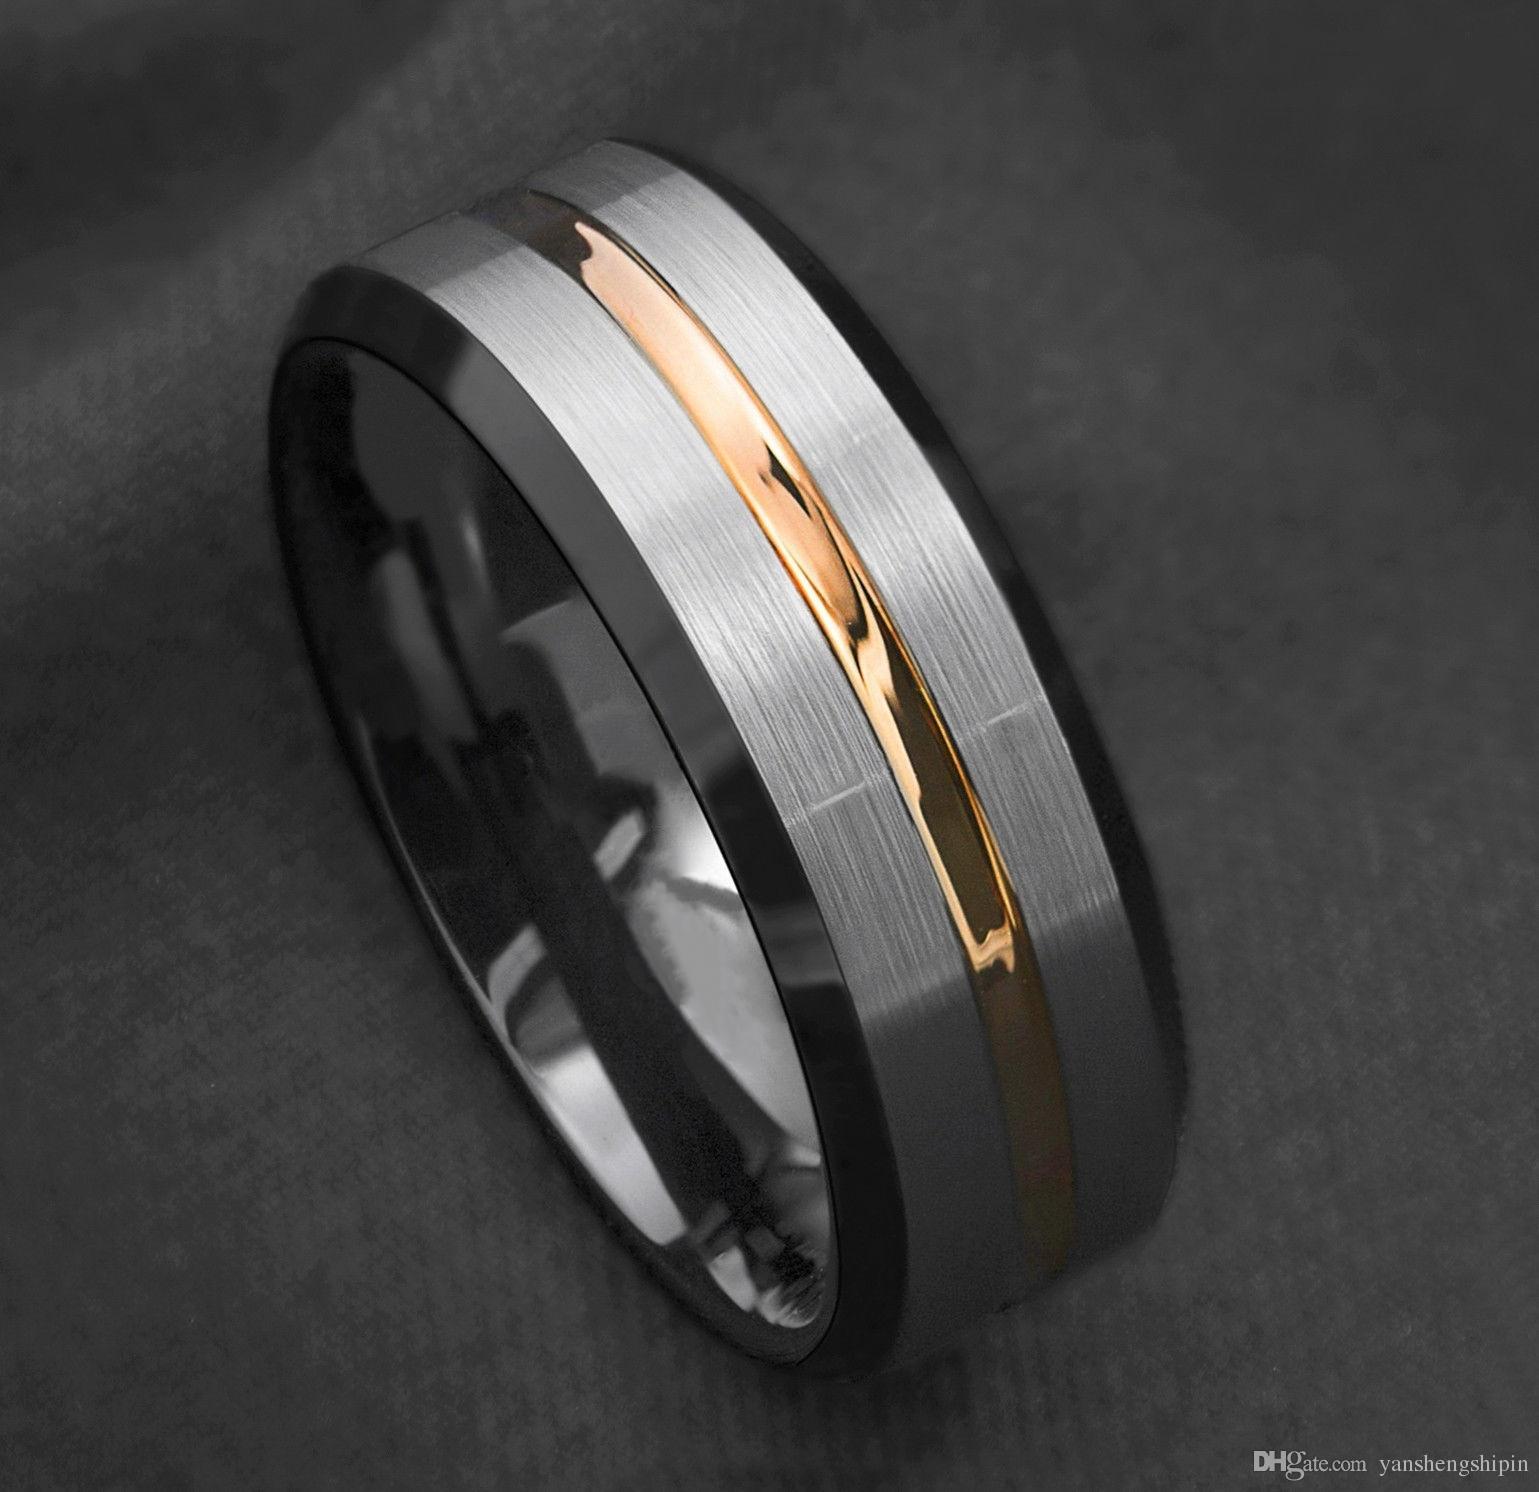 8mm Moda Gümüş Fırçalanmış Siyah Kenar Tungsten Yüzük Altın Şerit Erkek Düğün Band Boyut 6-13